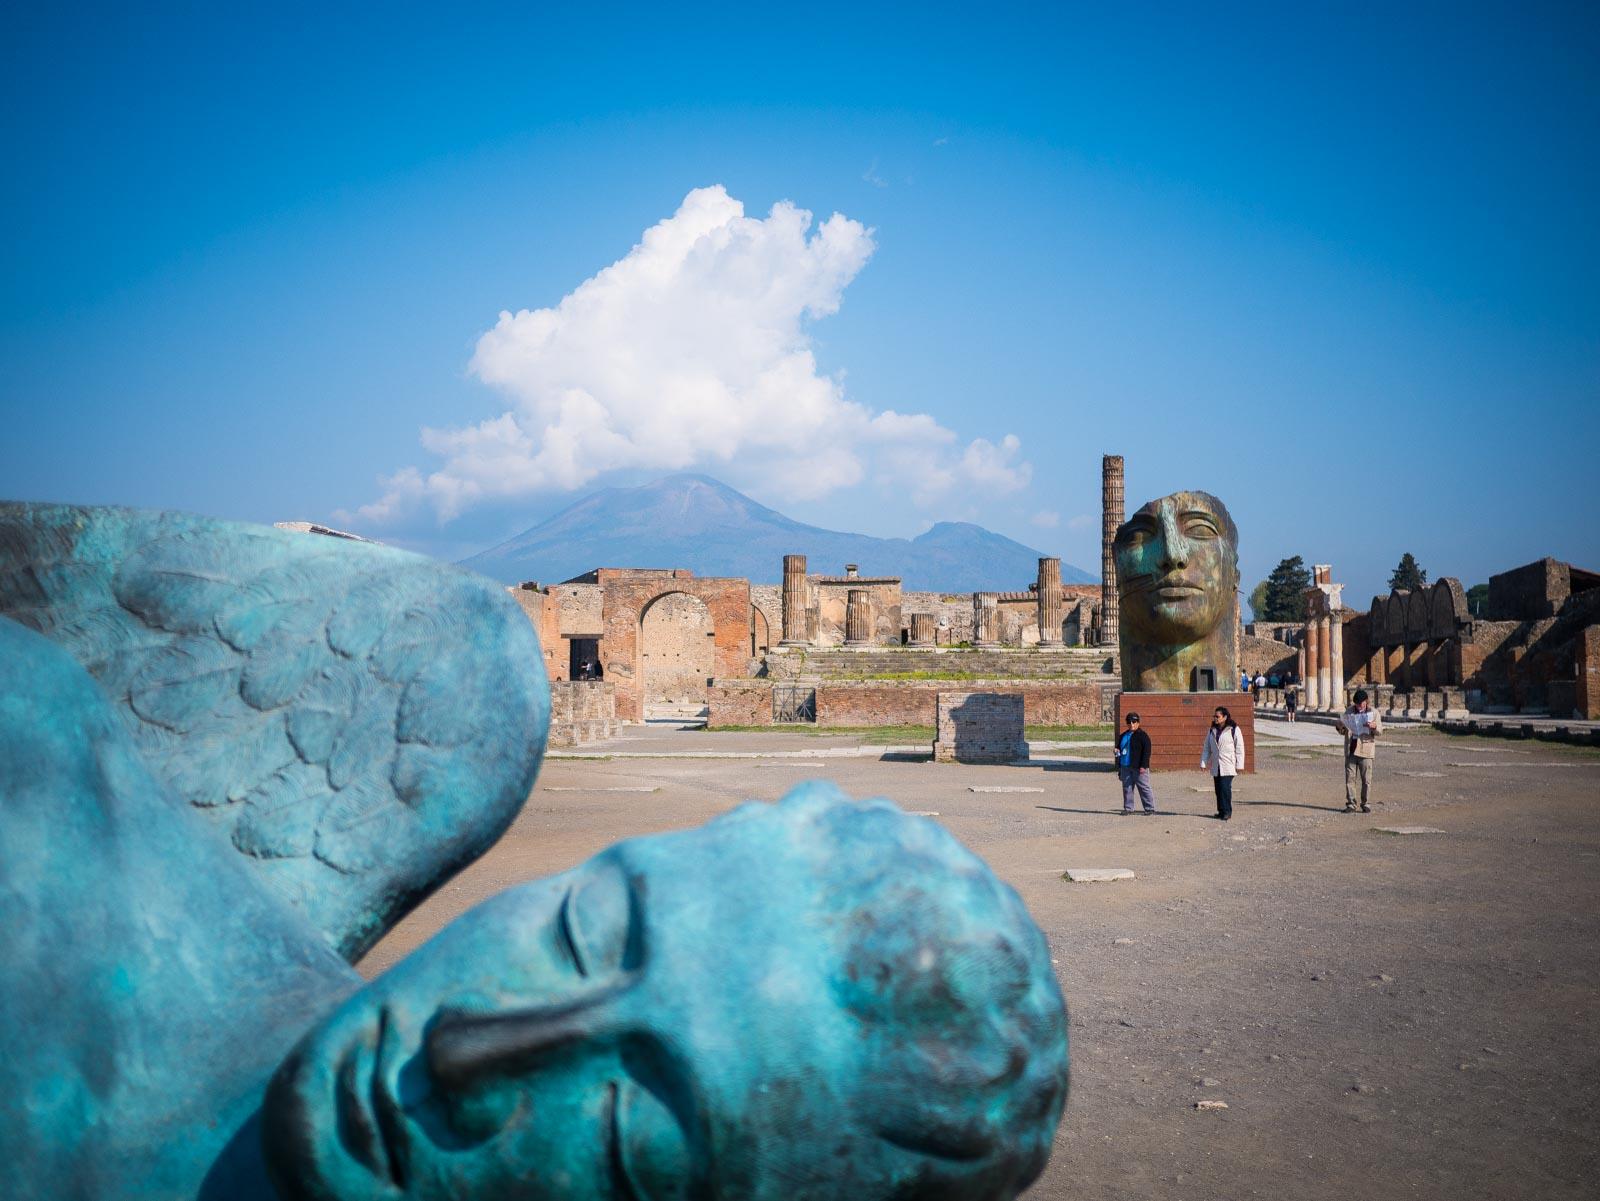 Wonders of Ancient Pompeii